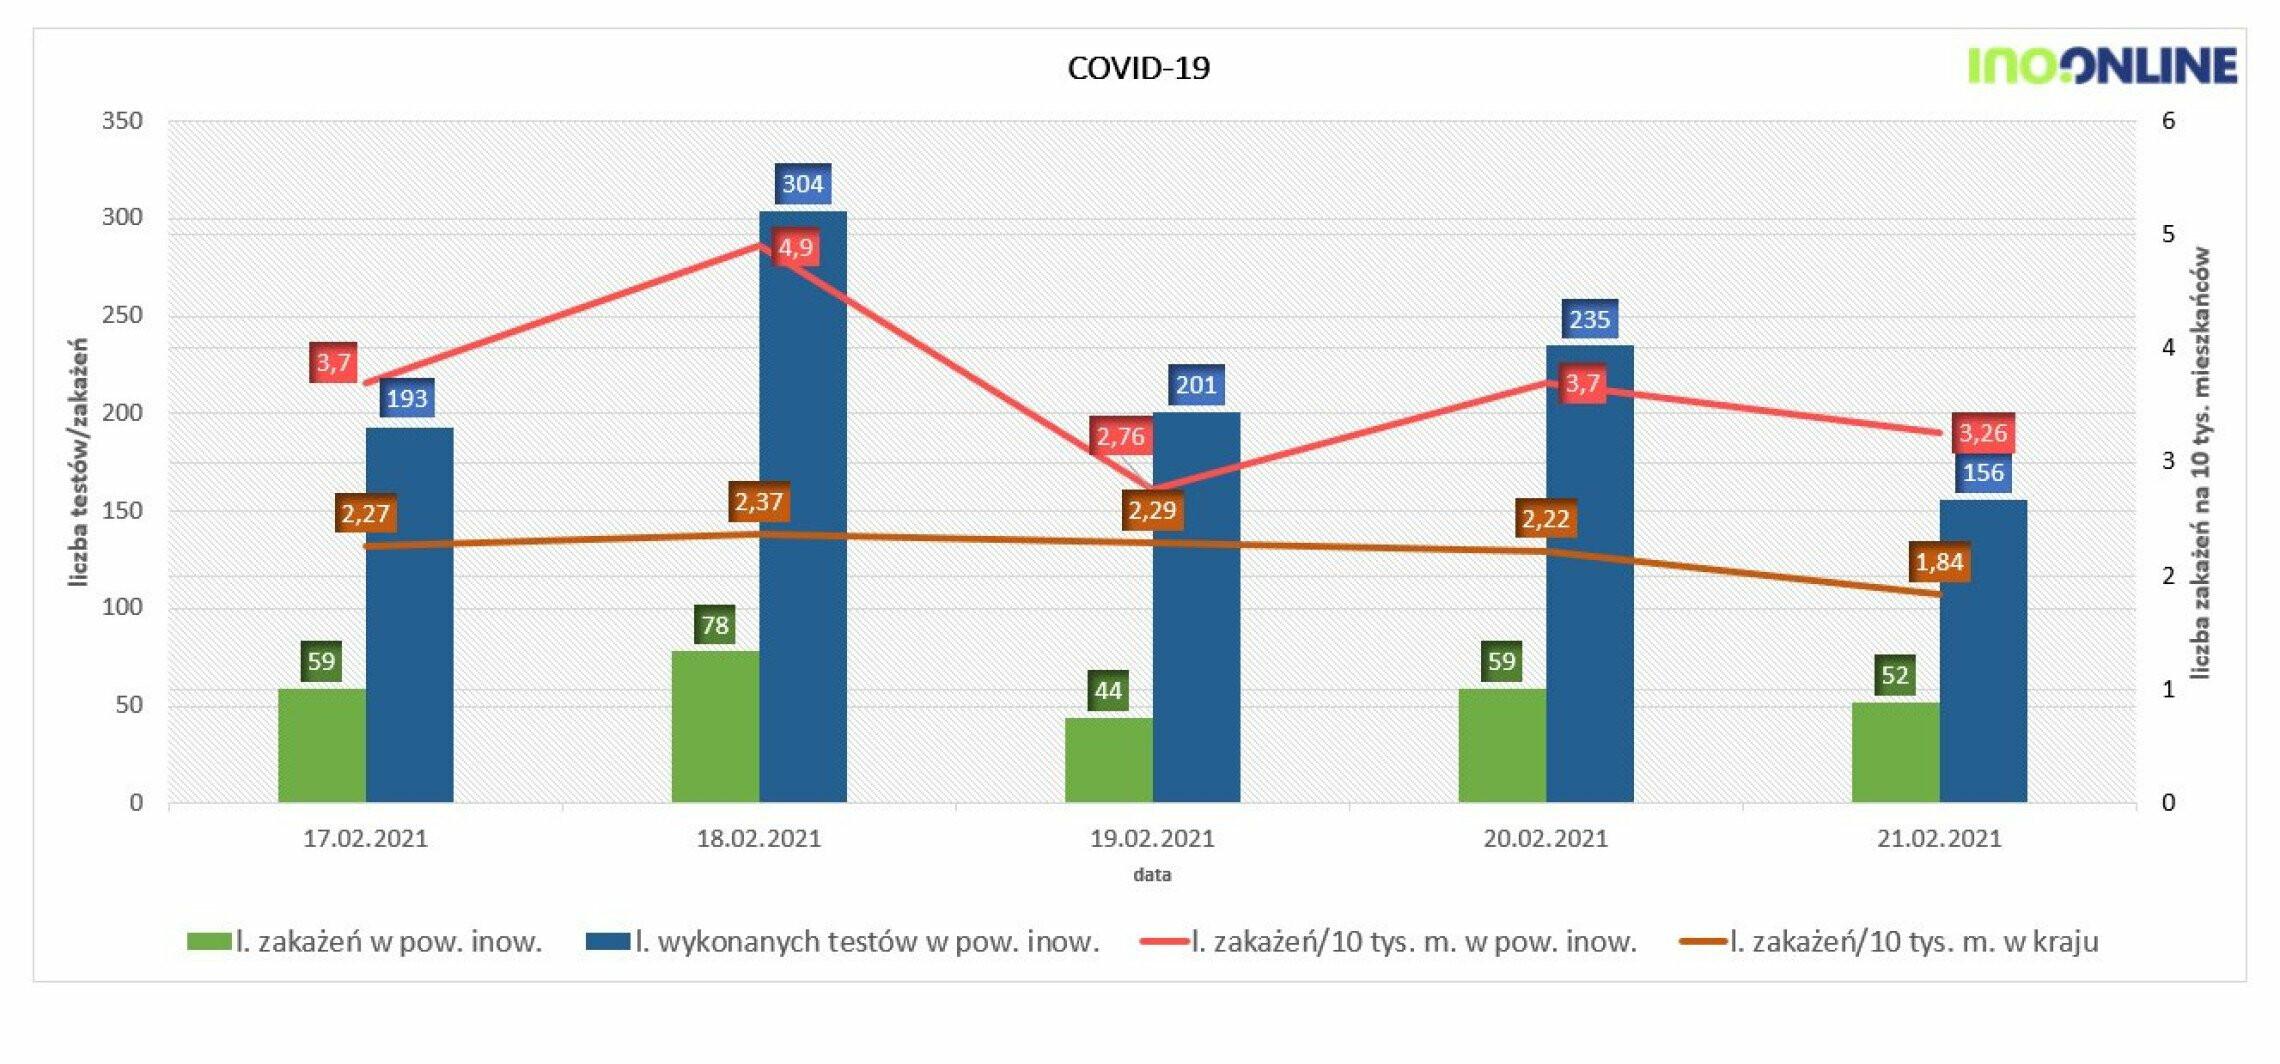 Inowrocław - Nowe dane o zakażeniach koronawirusem